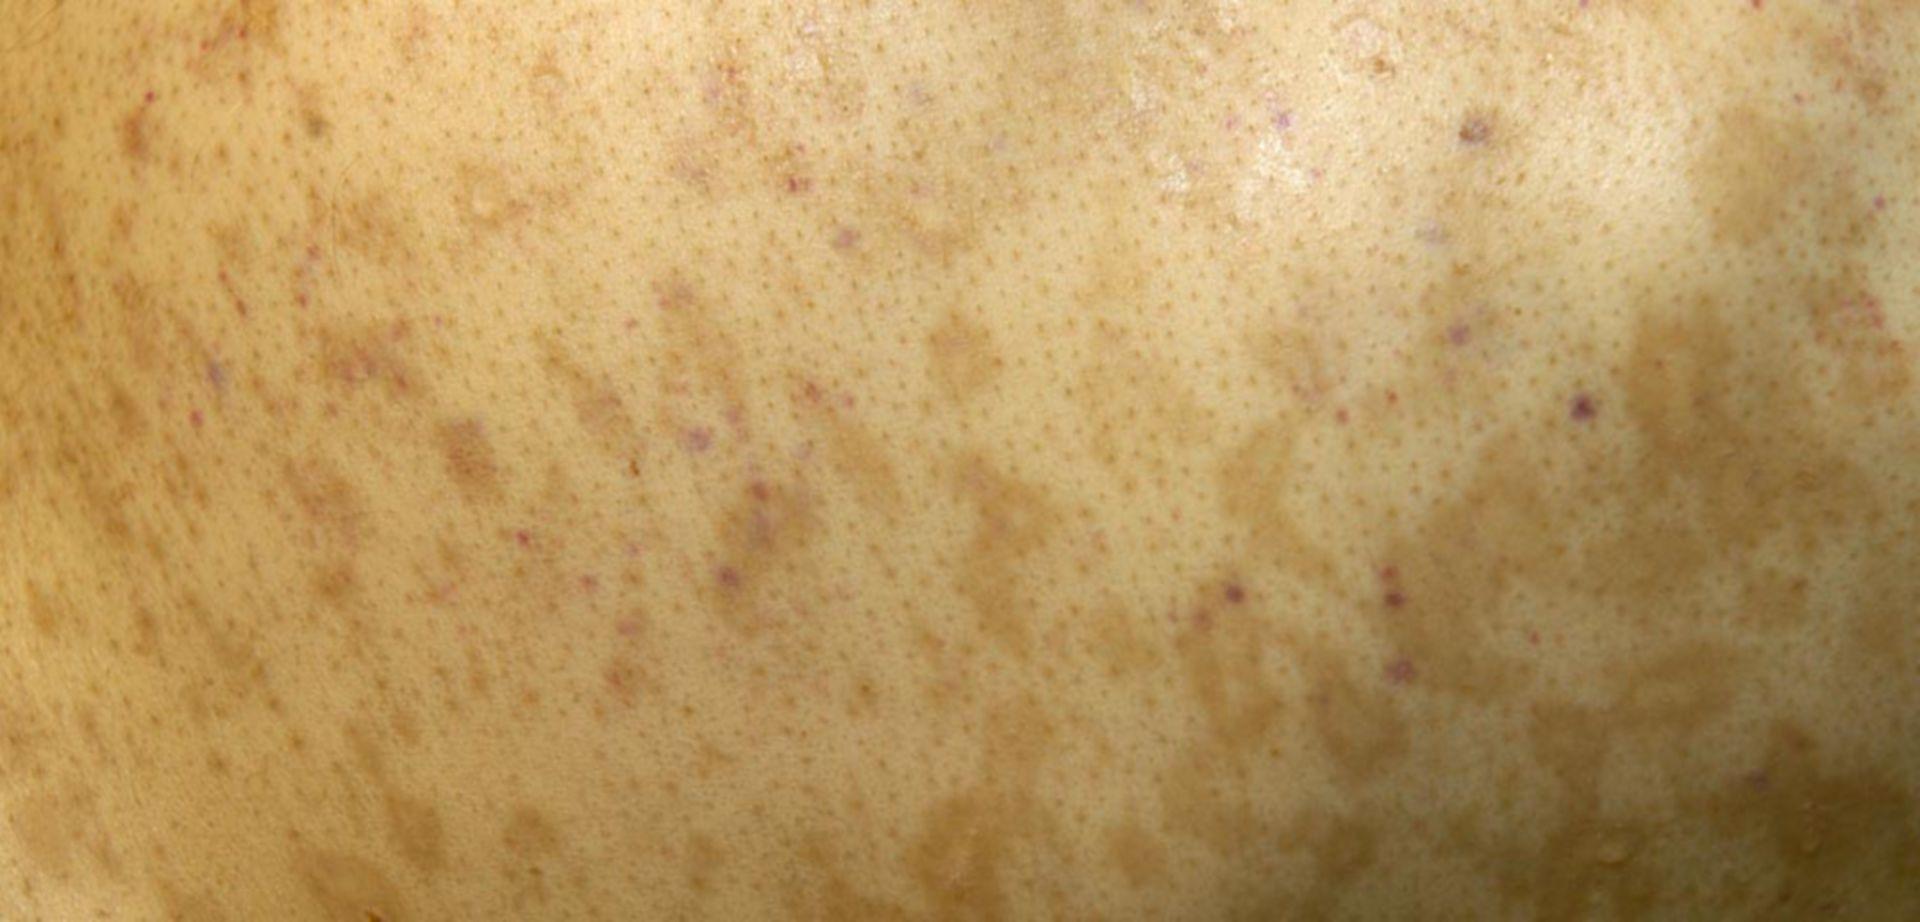 Acute Graft-versus-Host disease of the skin